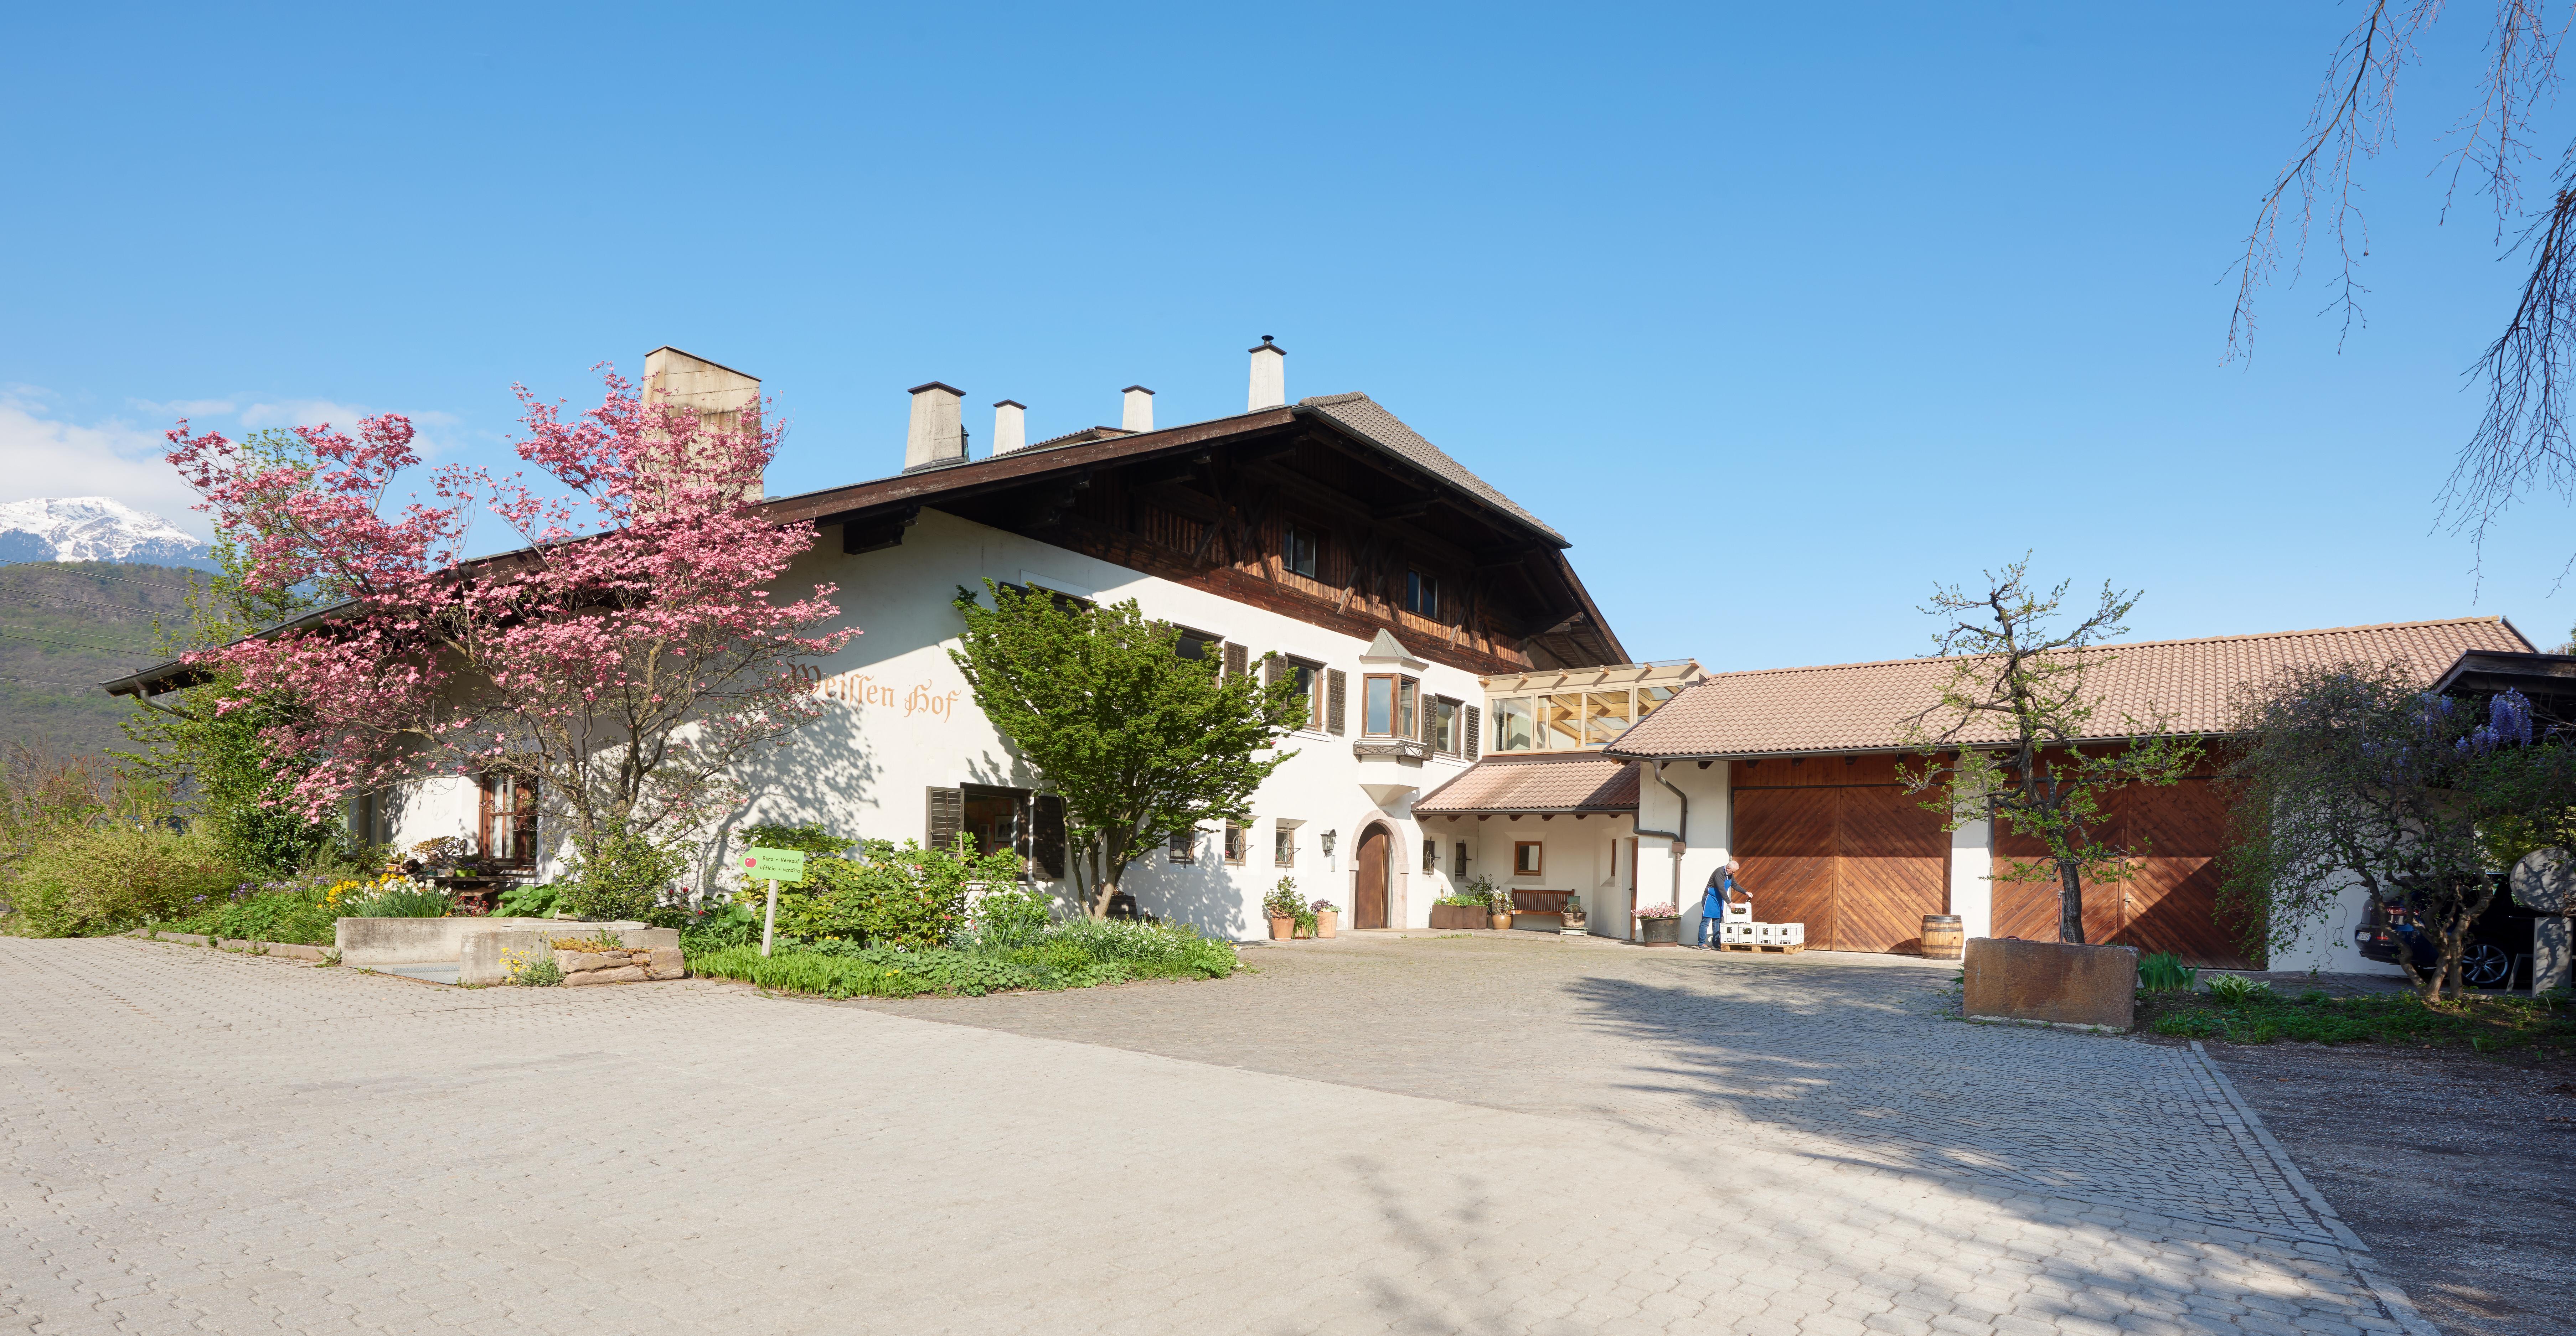 Weissenhof 0003